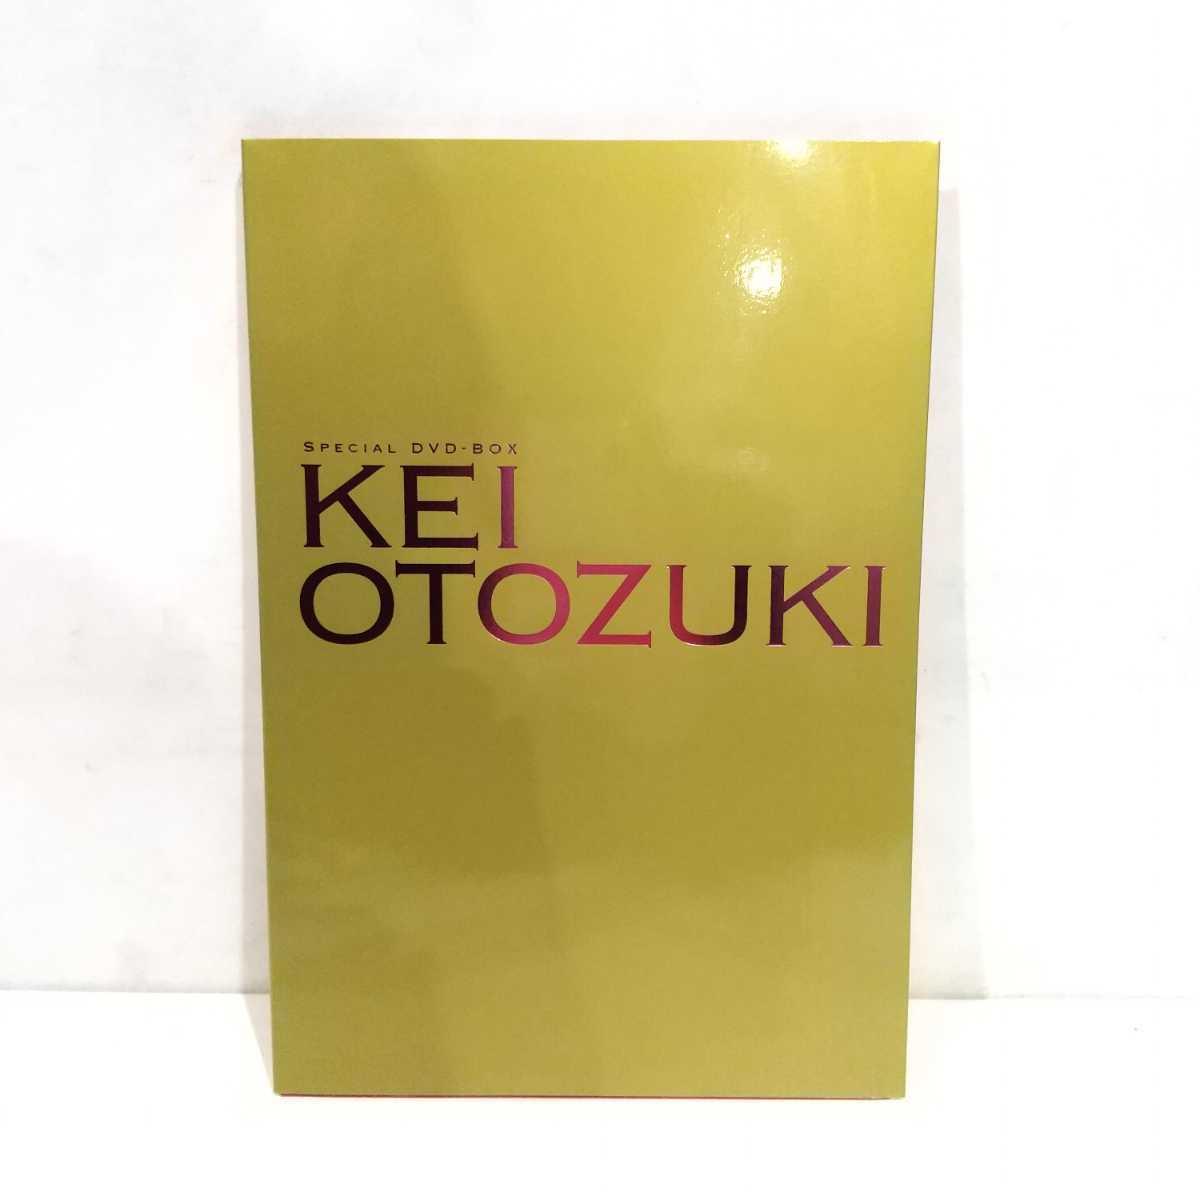 SK2012010-4 宝塚 音月桂 スペシャルDVD劇団 ミュージカル エンターテイメント